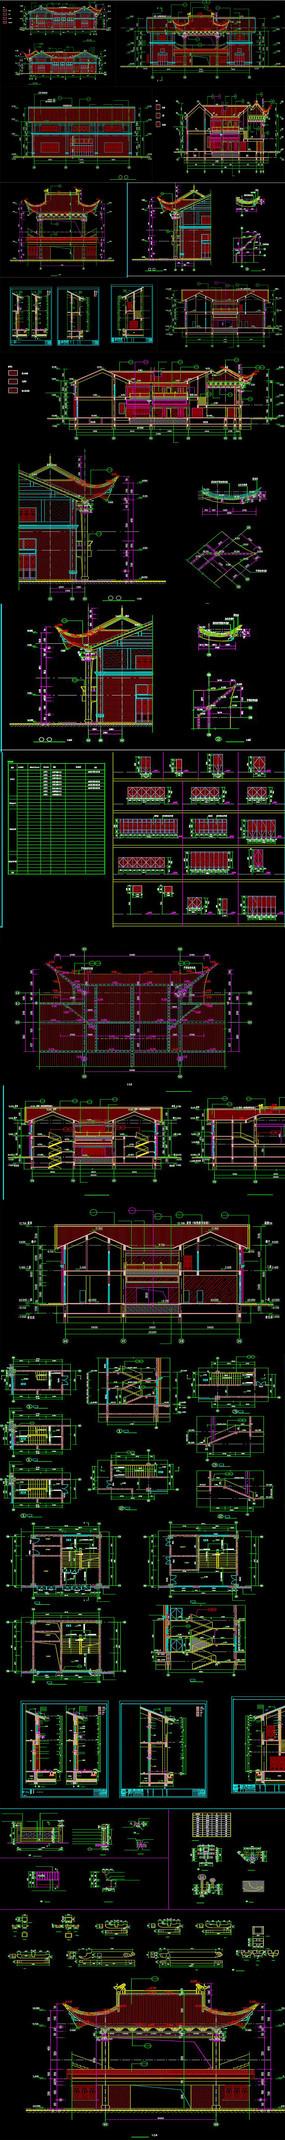 两层古典风格框架结构CAD图纸